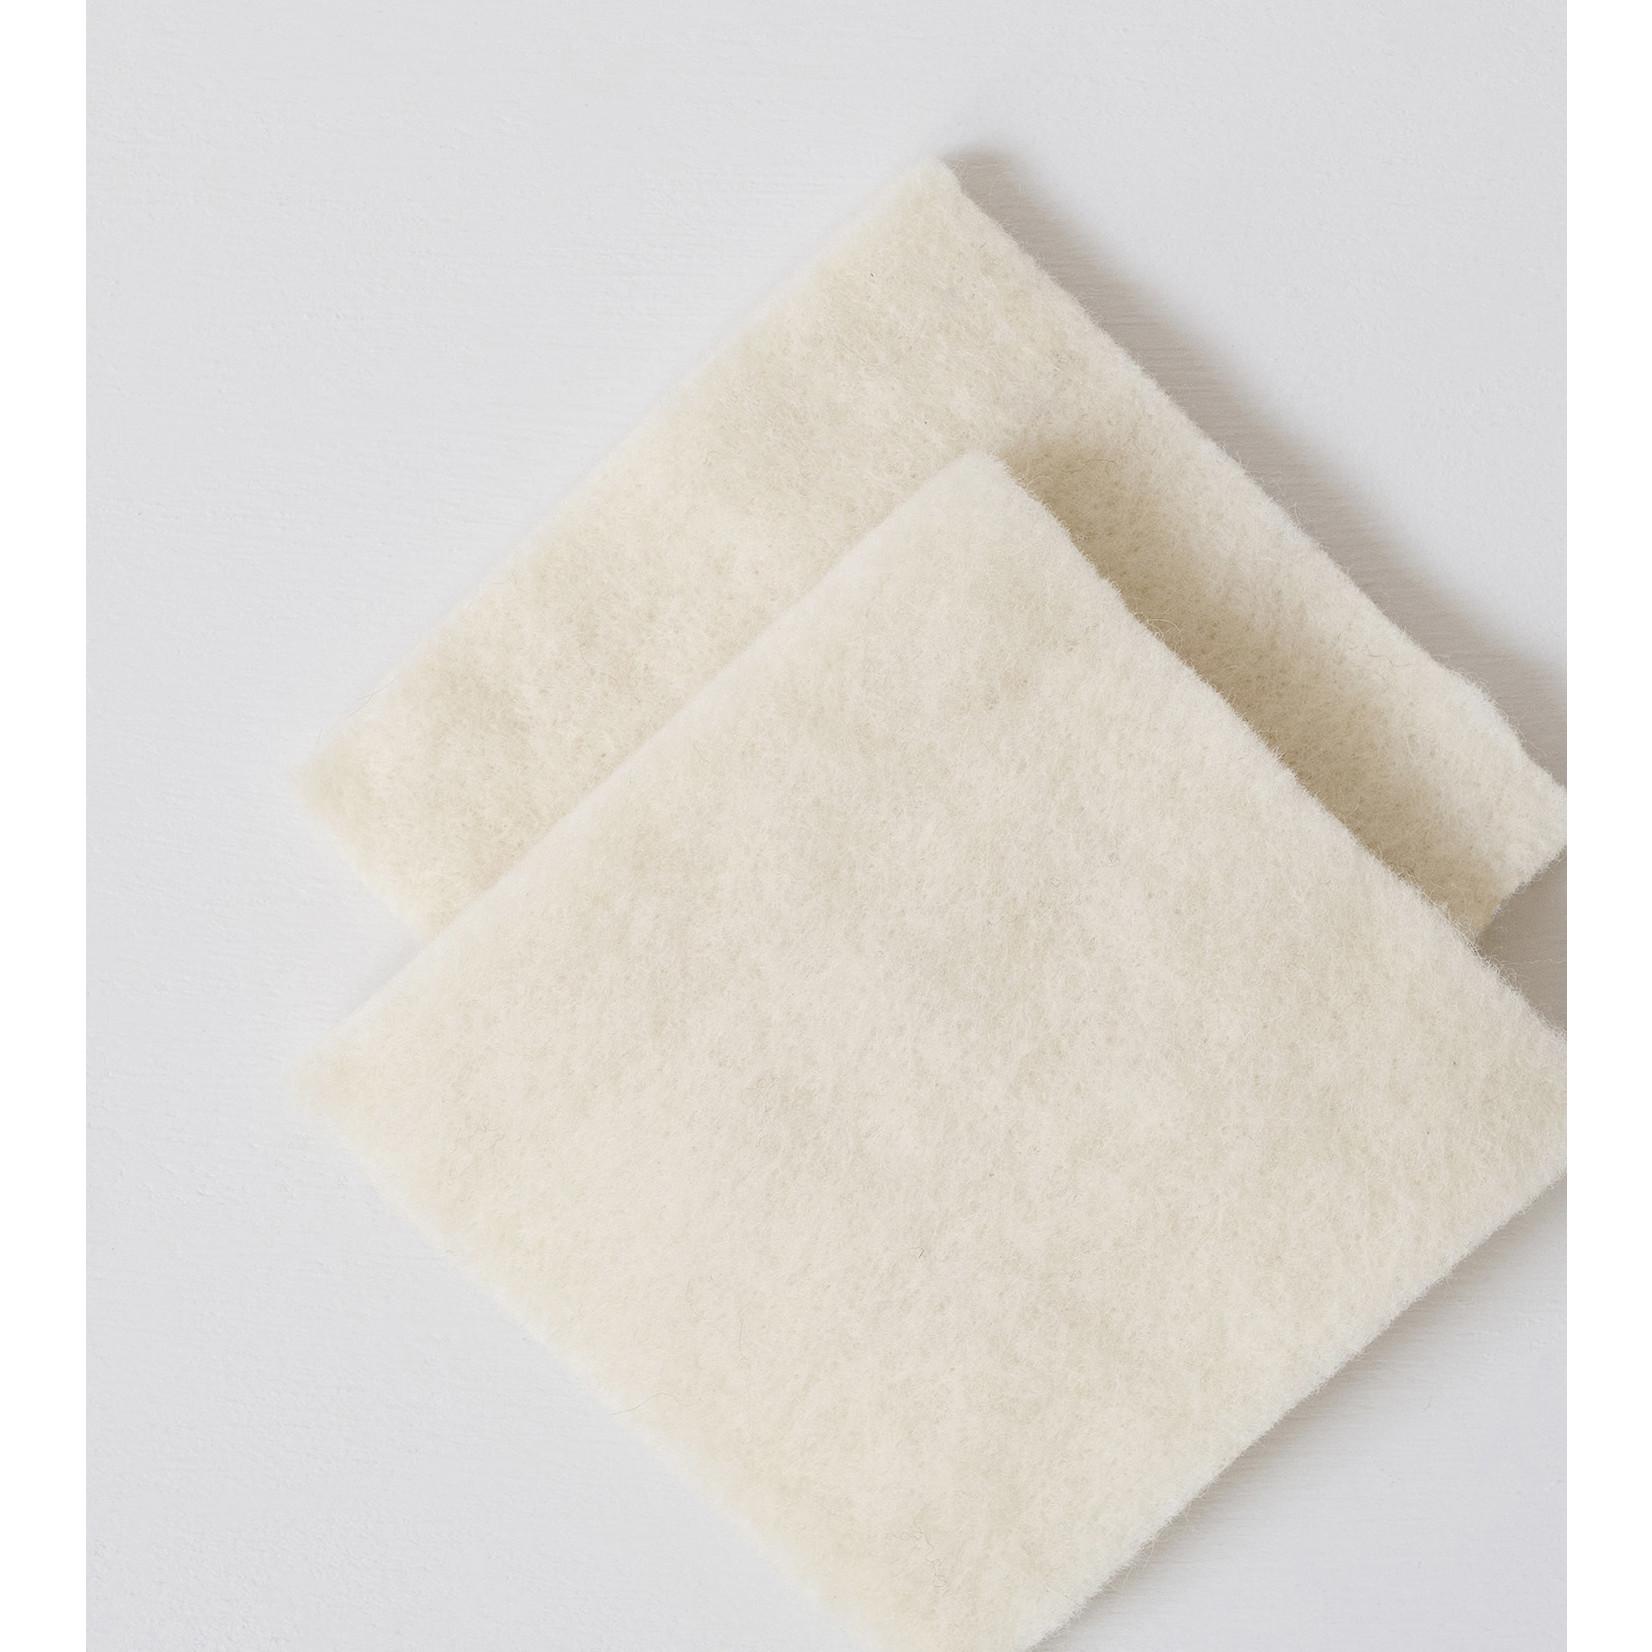 Echoview Fiber Mill Wool Dish Sponge 2pc. Set